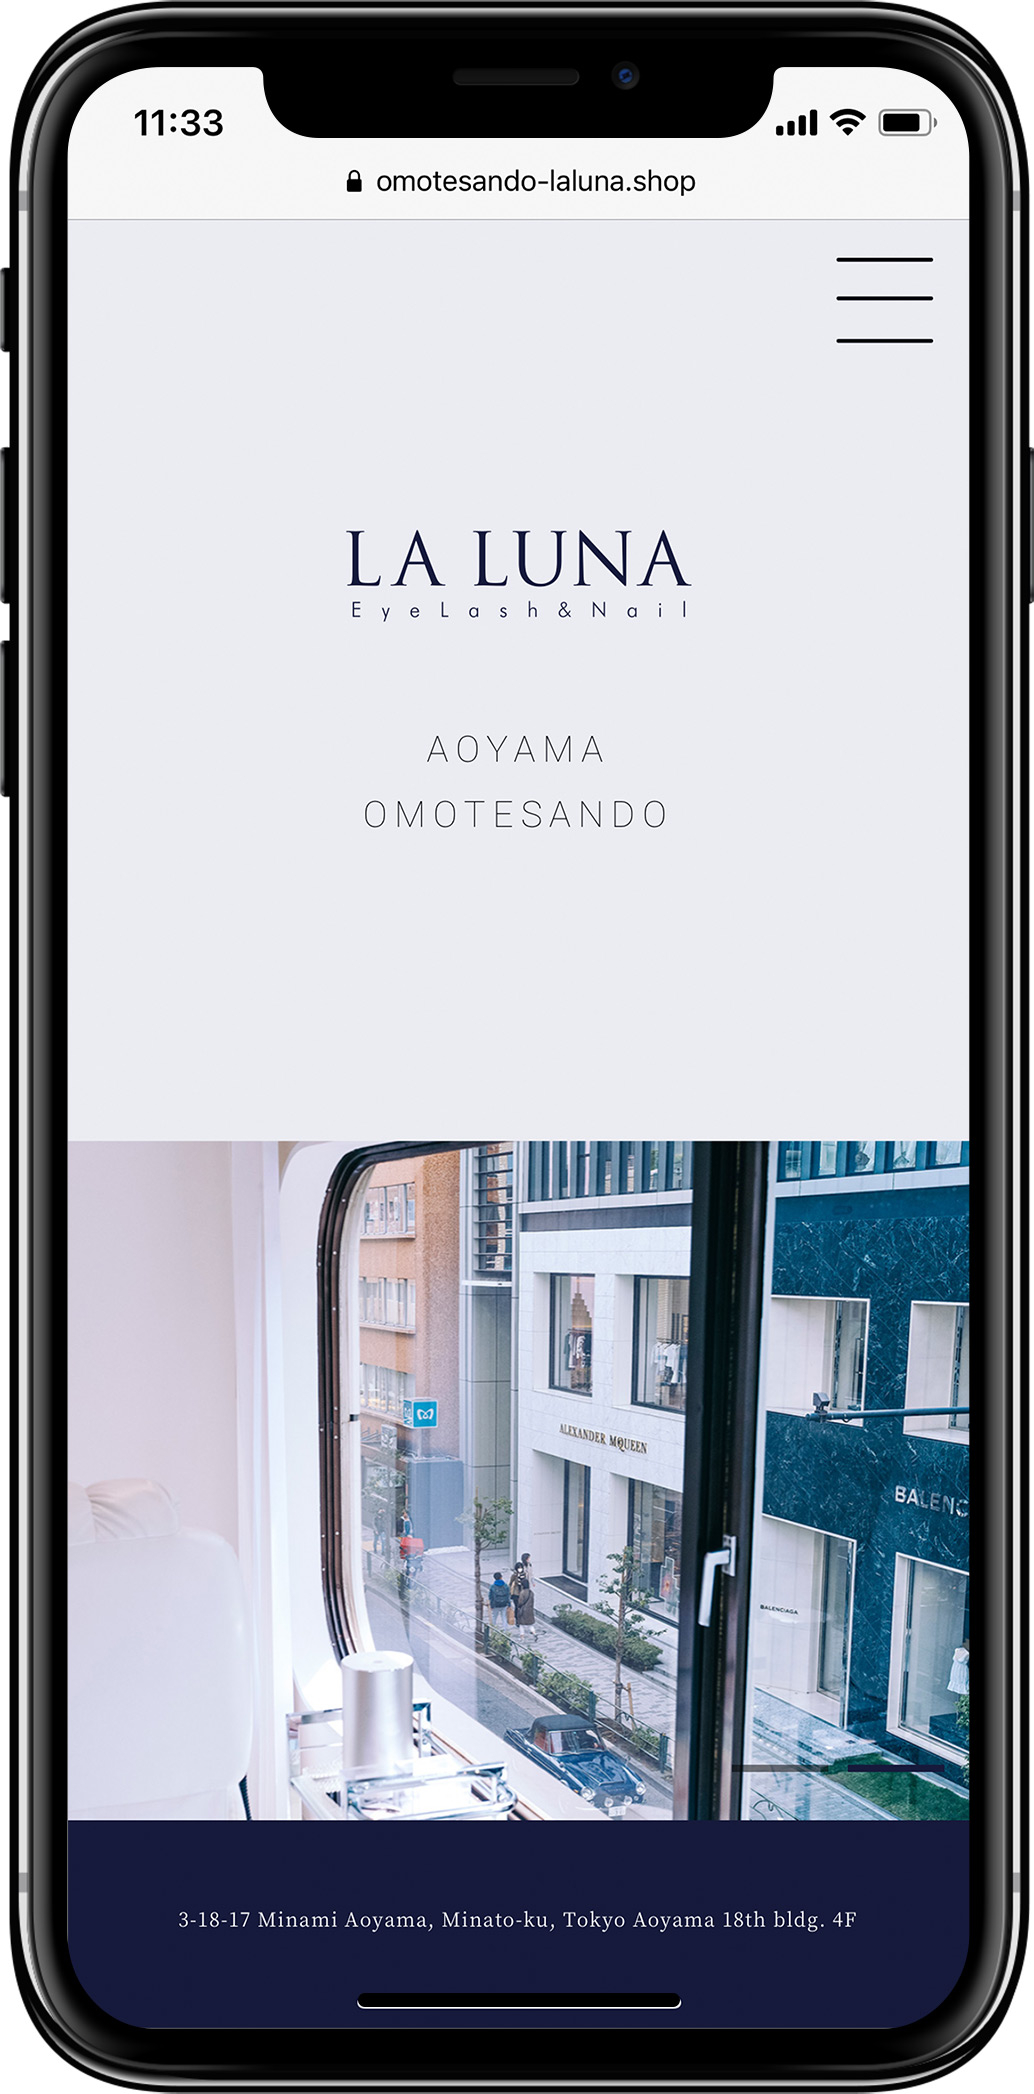 ラルナ様のウェブサイトを新規制作しましたスマートフォンの見た目